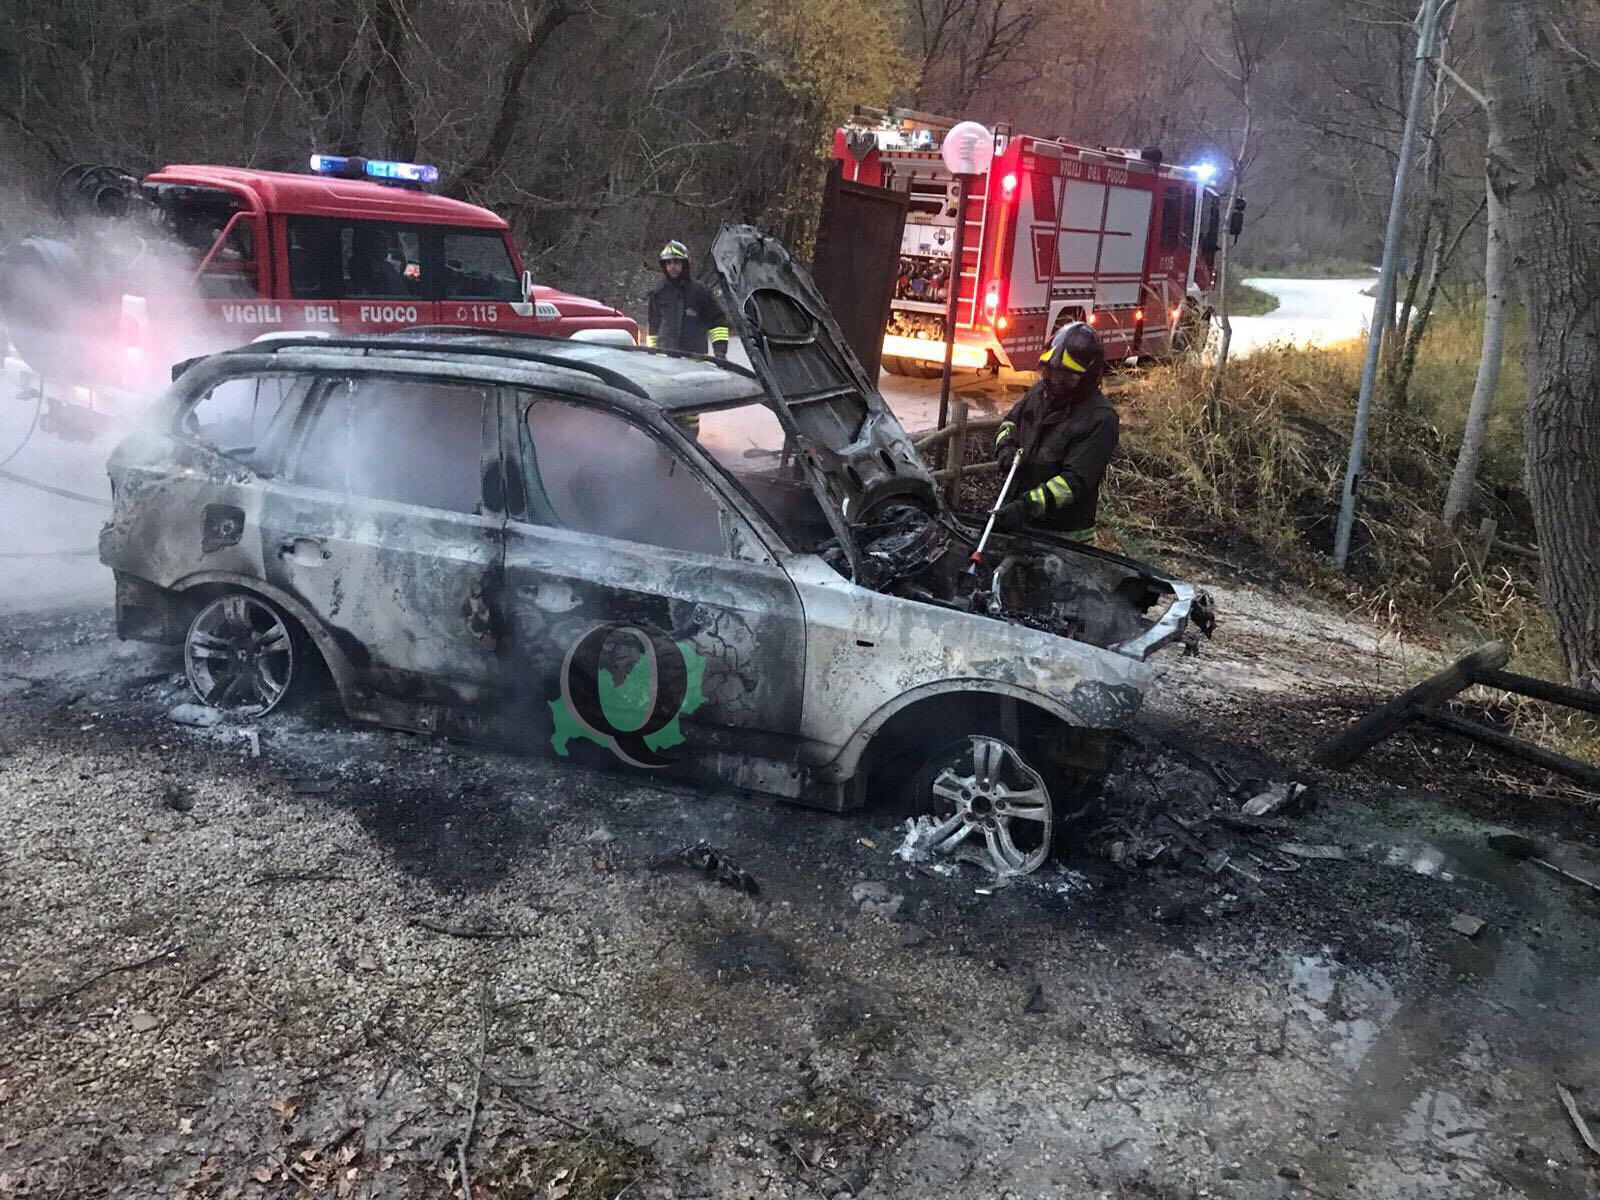 Auto a fuoco in area picnic, indagini in corso (FOTO)